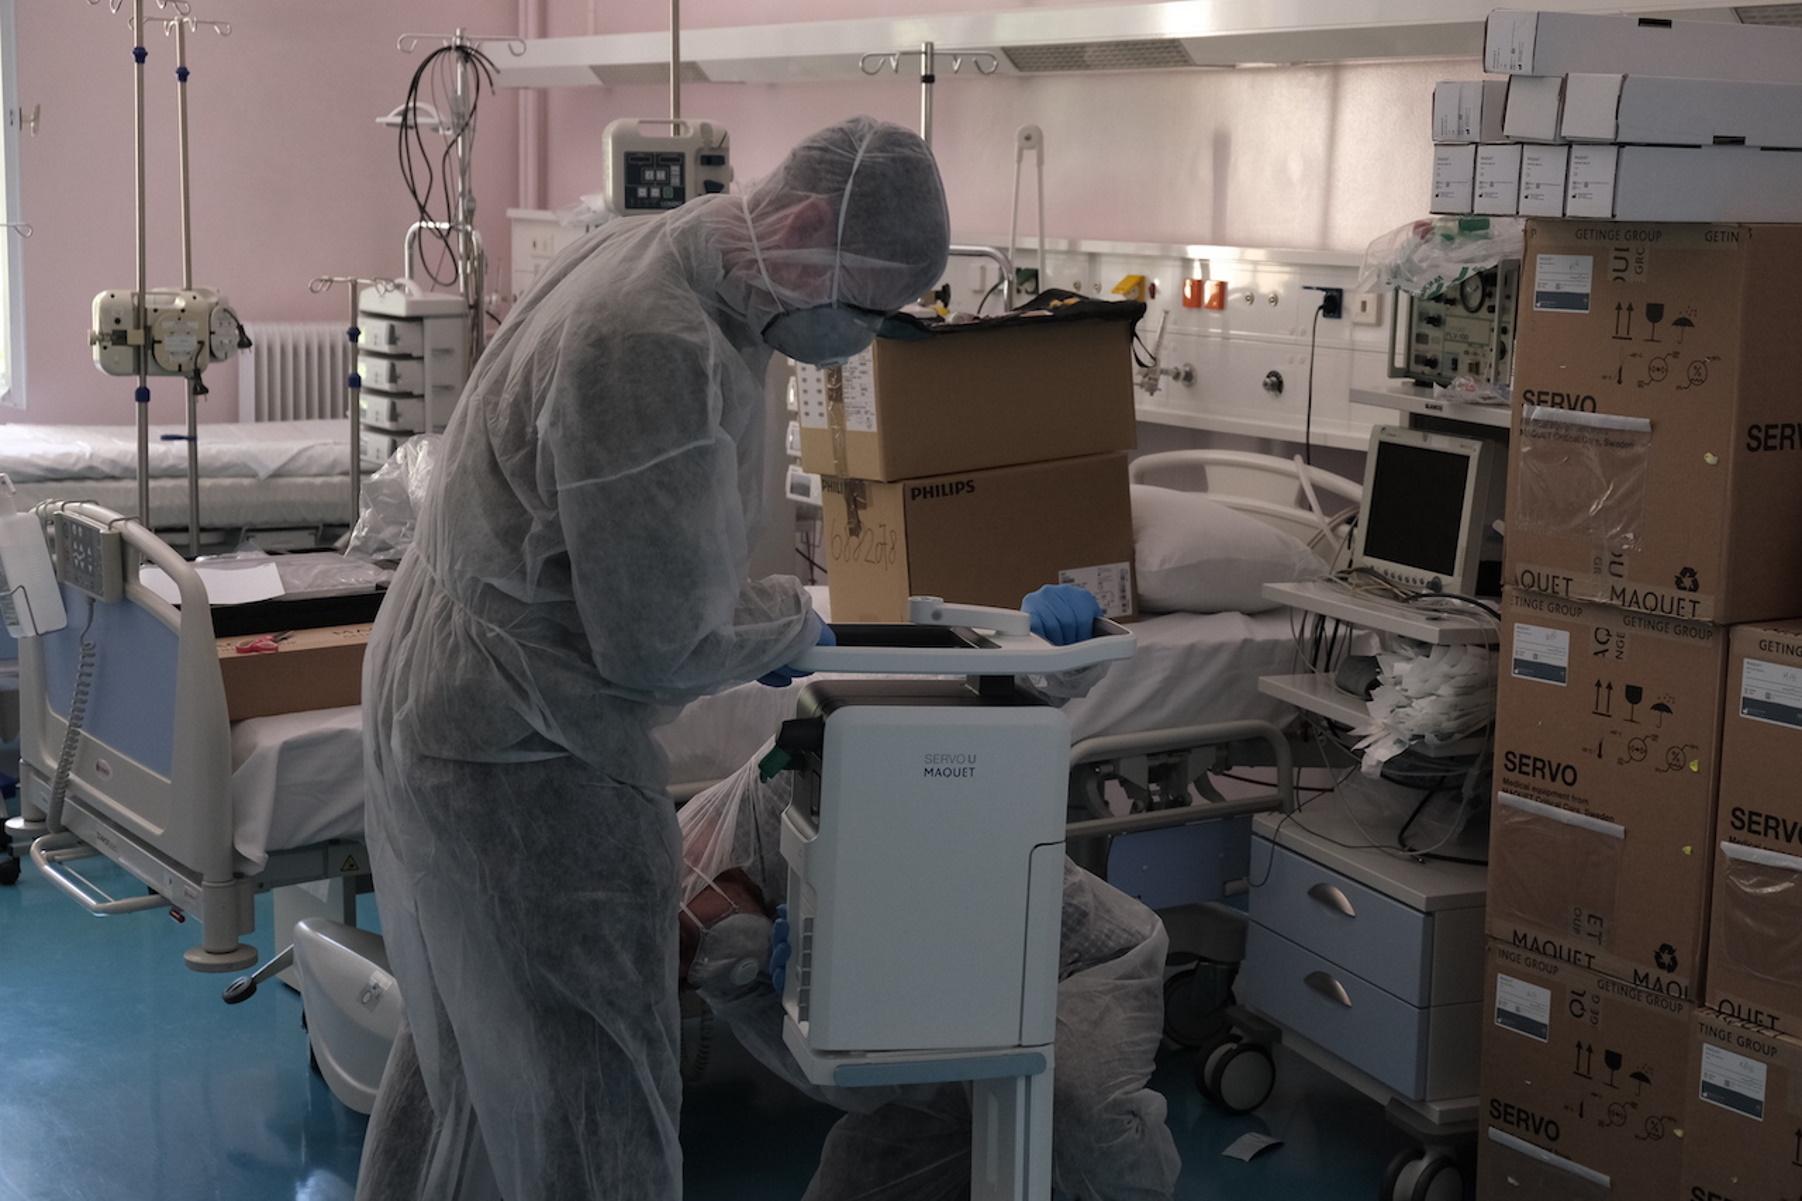 Συνεχίζεται η πίεση στο ΕΣΥ σε Αττική, Θεσσαλονίκη και Αχαΐα – Μειωμένοι οι εμβολιασμοί σε επιβαρυμένες περιοχές